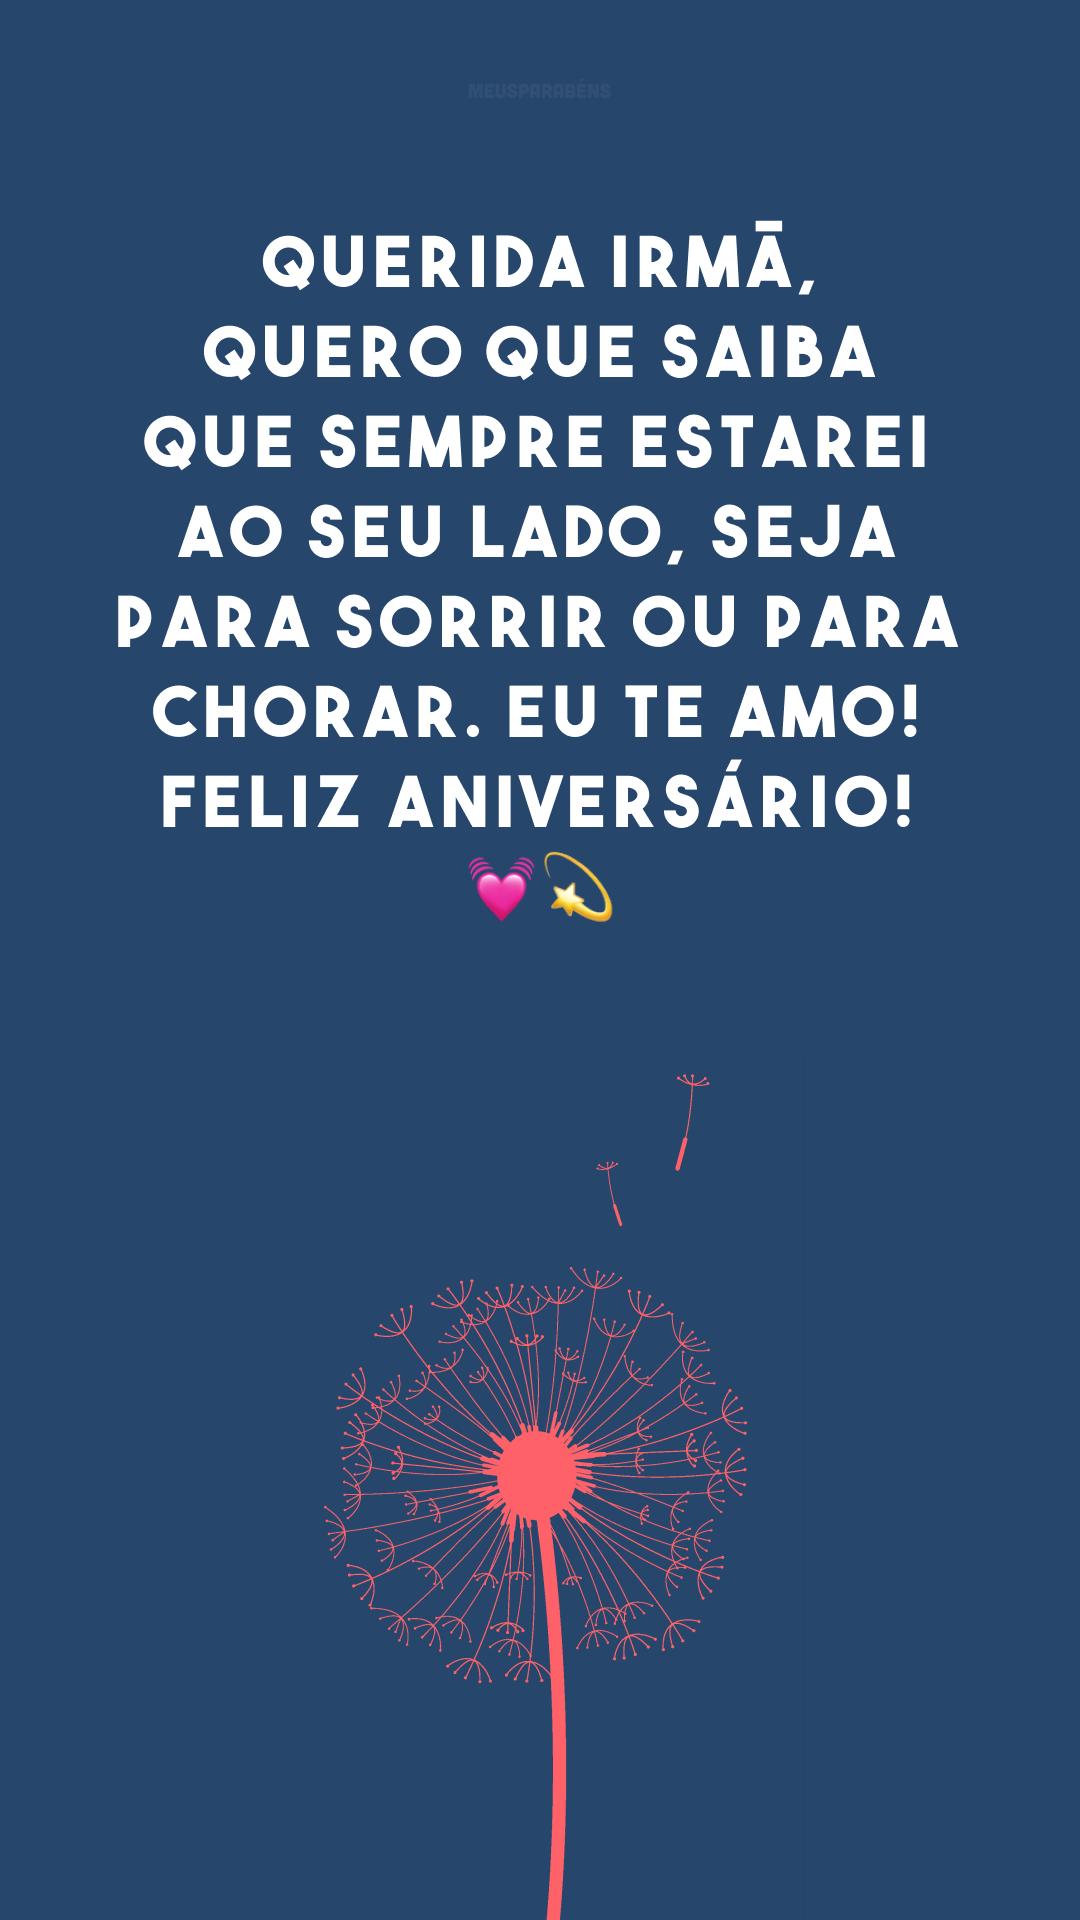 Querida irmã, quero que saiba que sempre estarei ao seu lado, seja para sorrir ou para chorar. Eu te amo! Feliz aniversário! 💓💫